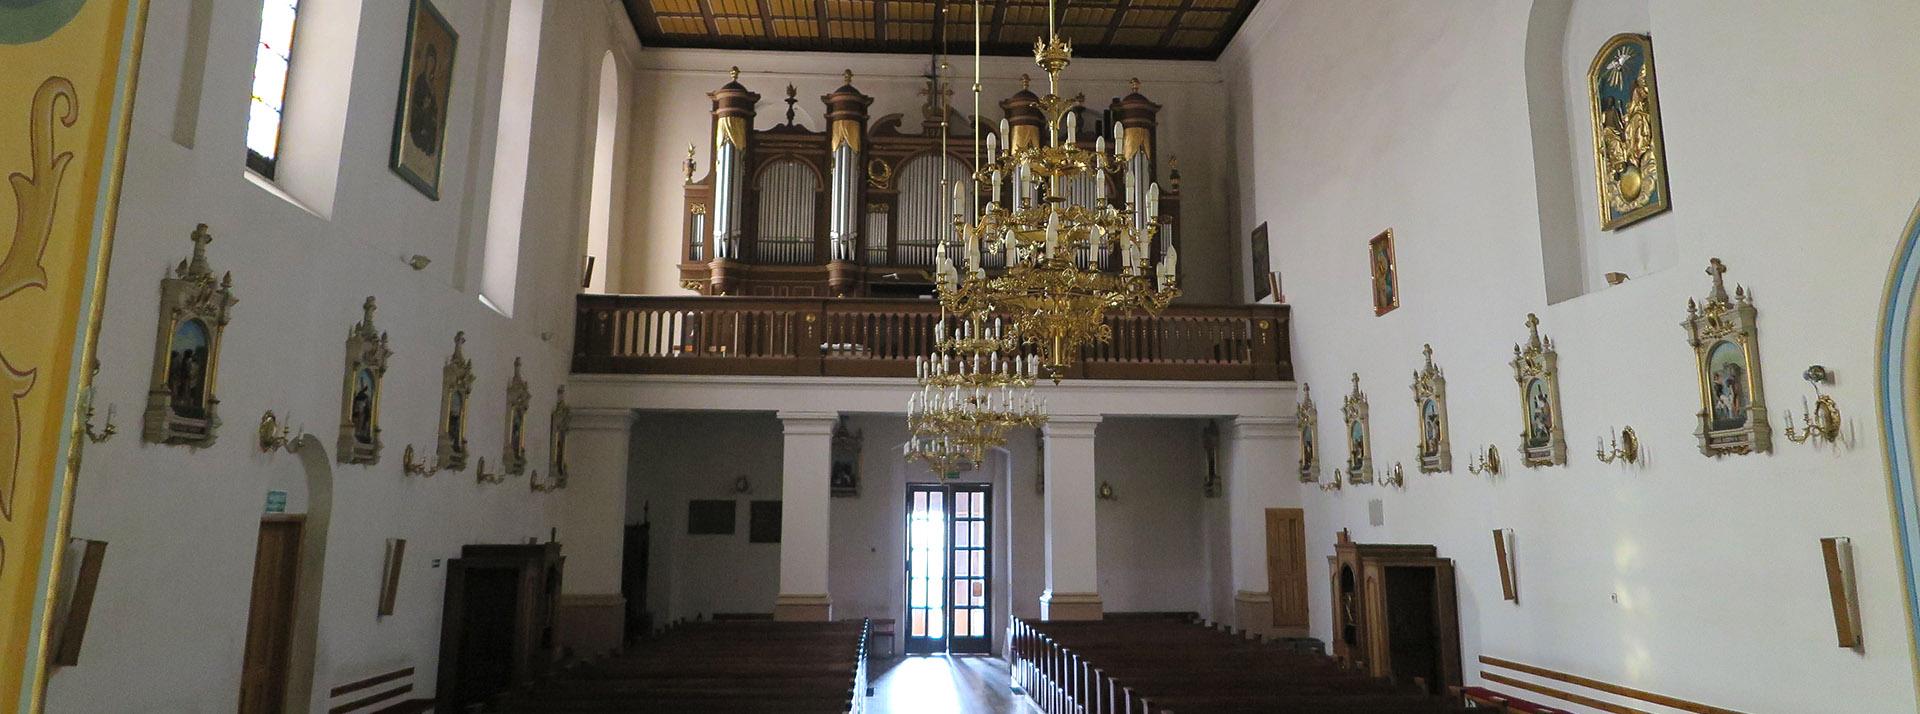 Życie parafii, uroczystości, nabożeństwa, koncerty - wszystko to teraz także na naszej nowej stronie internetowej